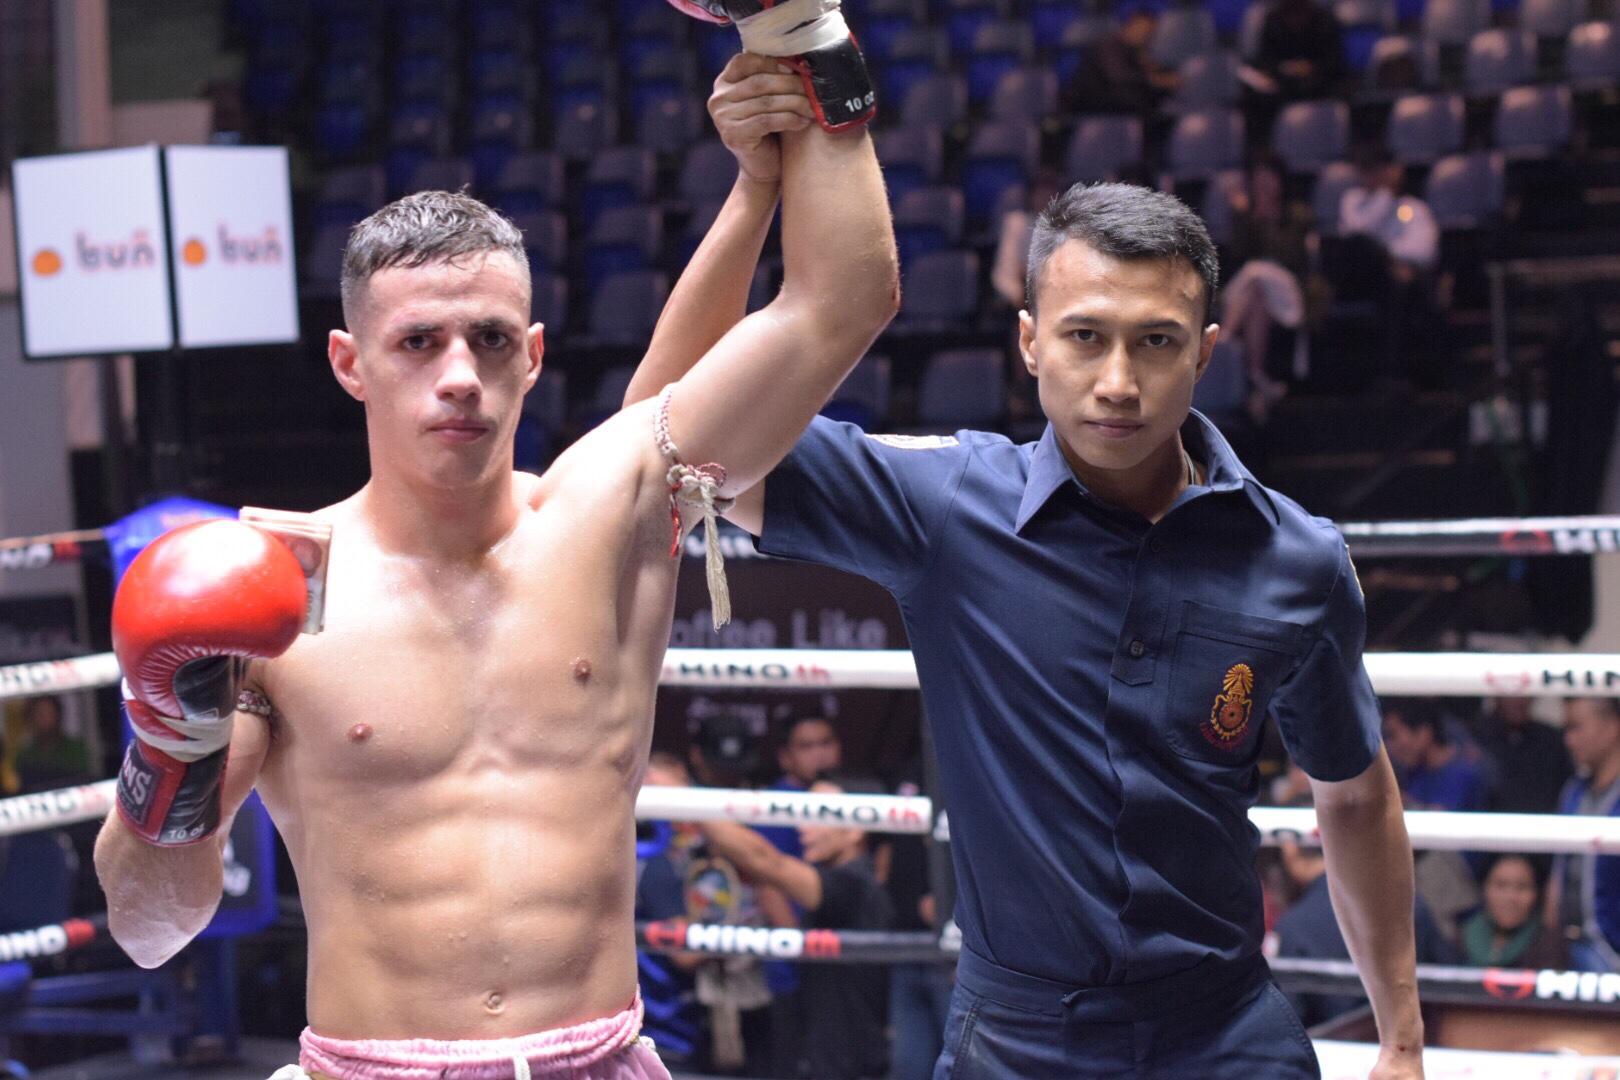 Cajaiba vence mais uma; Rafi conquista seu 2° cinturão do Lumpinee